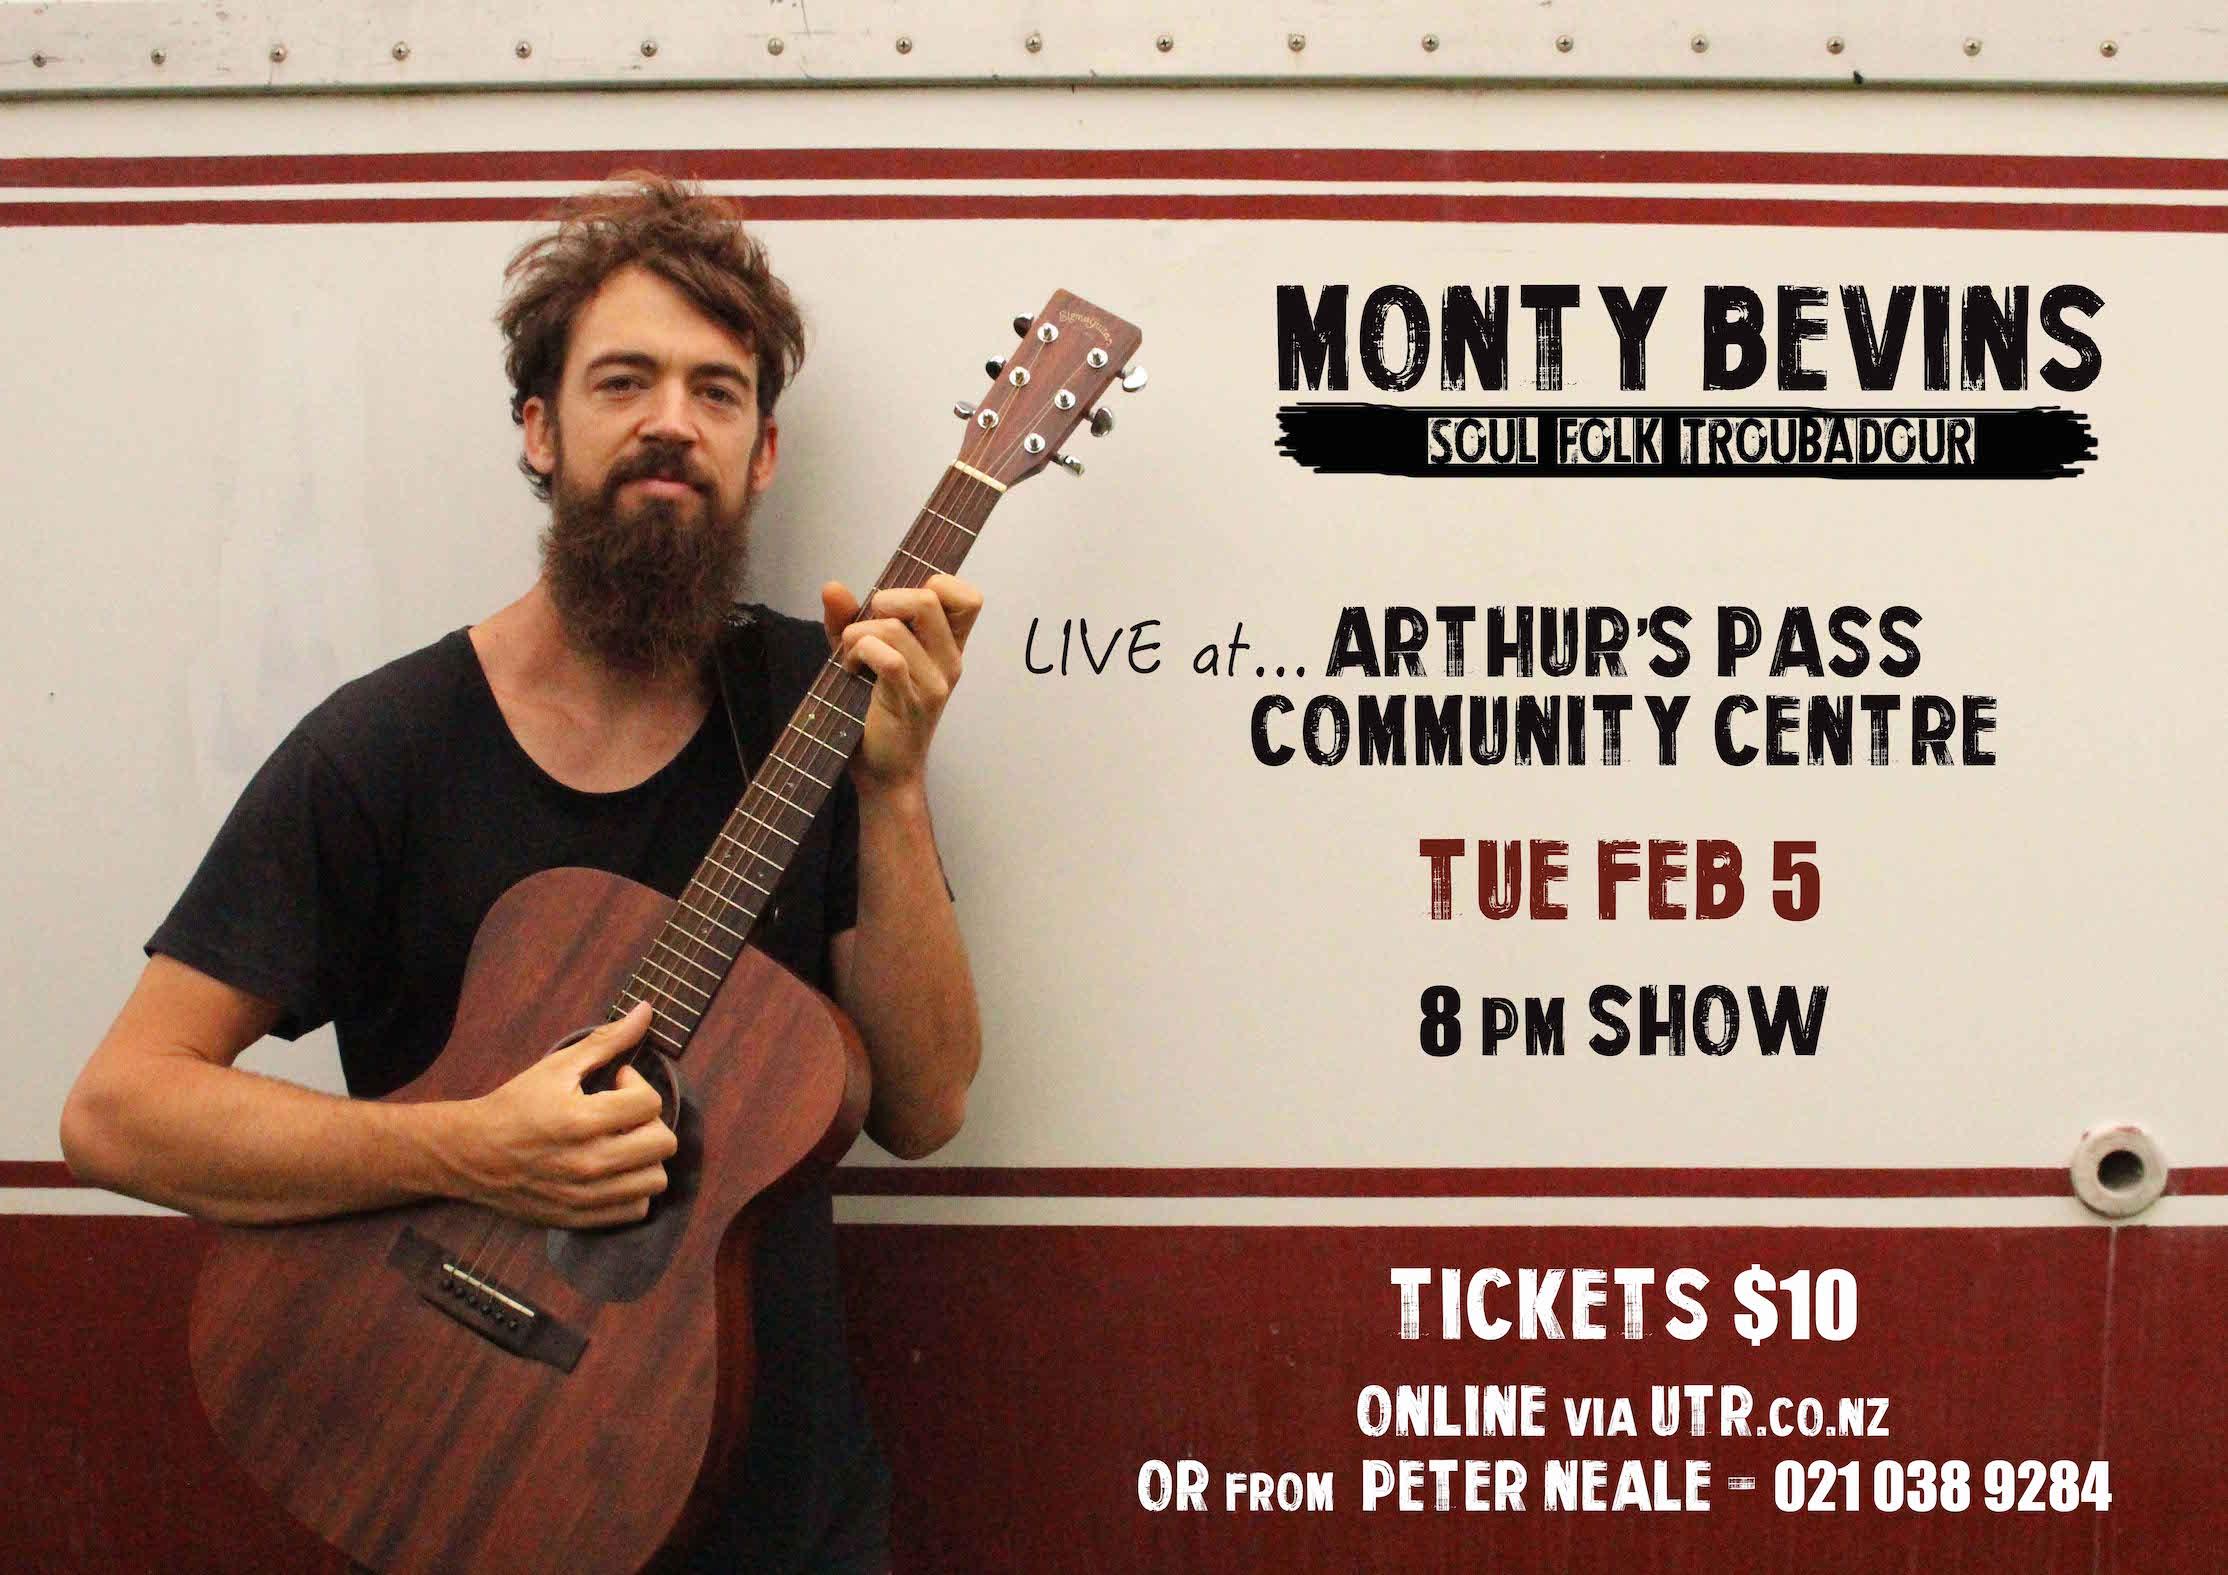 Monty Bevins